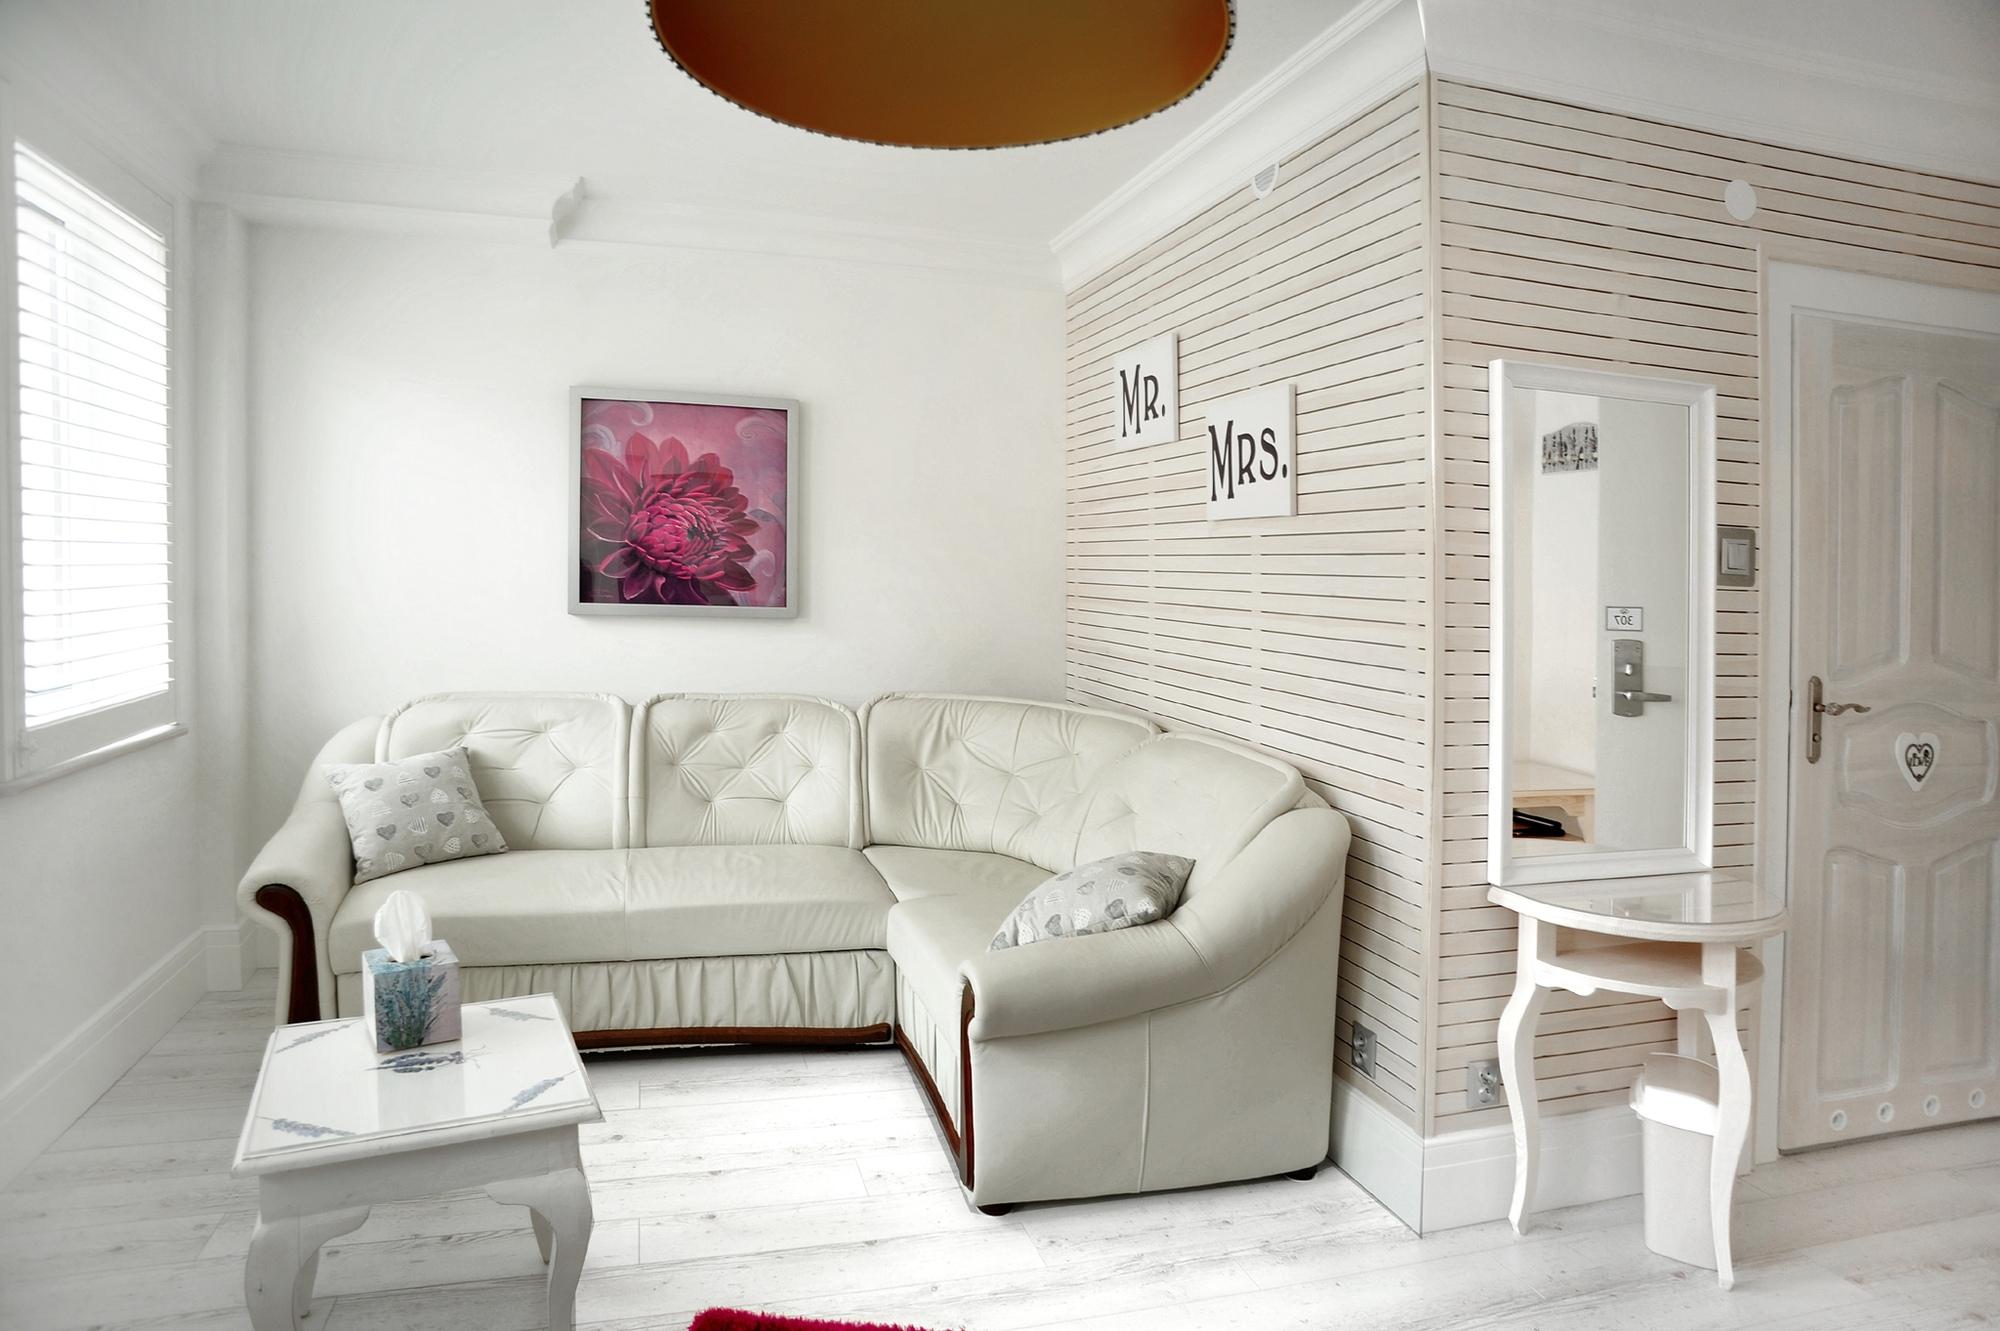 apartament-307 (2)